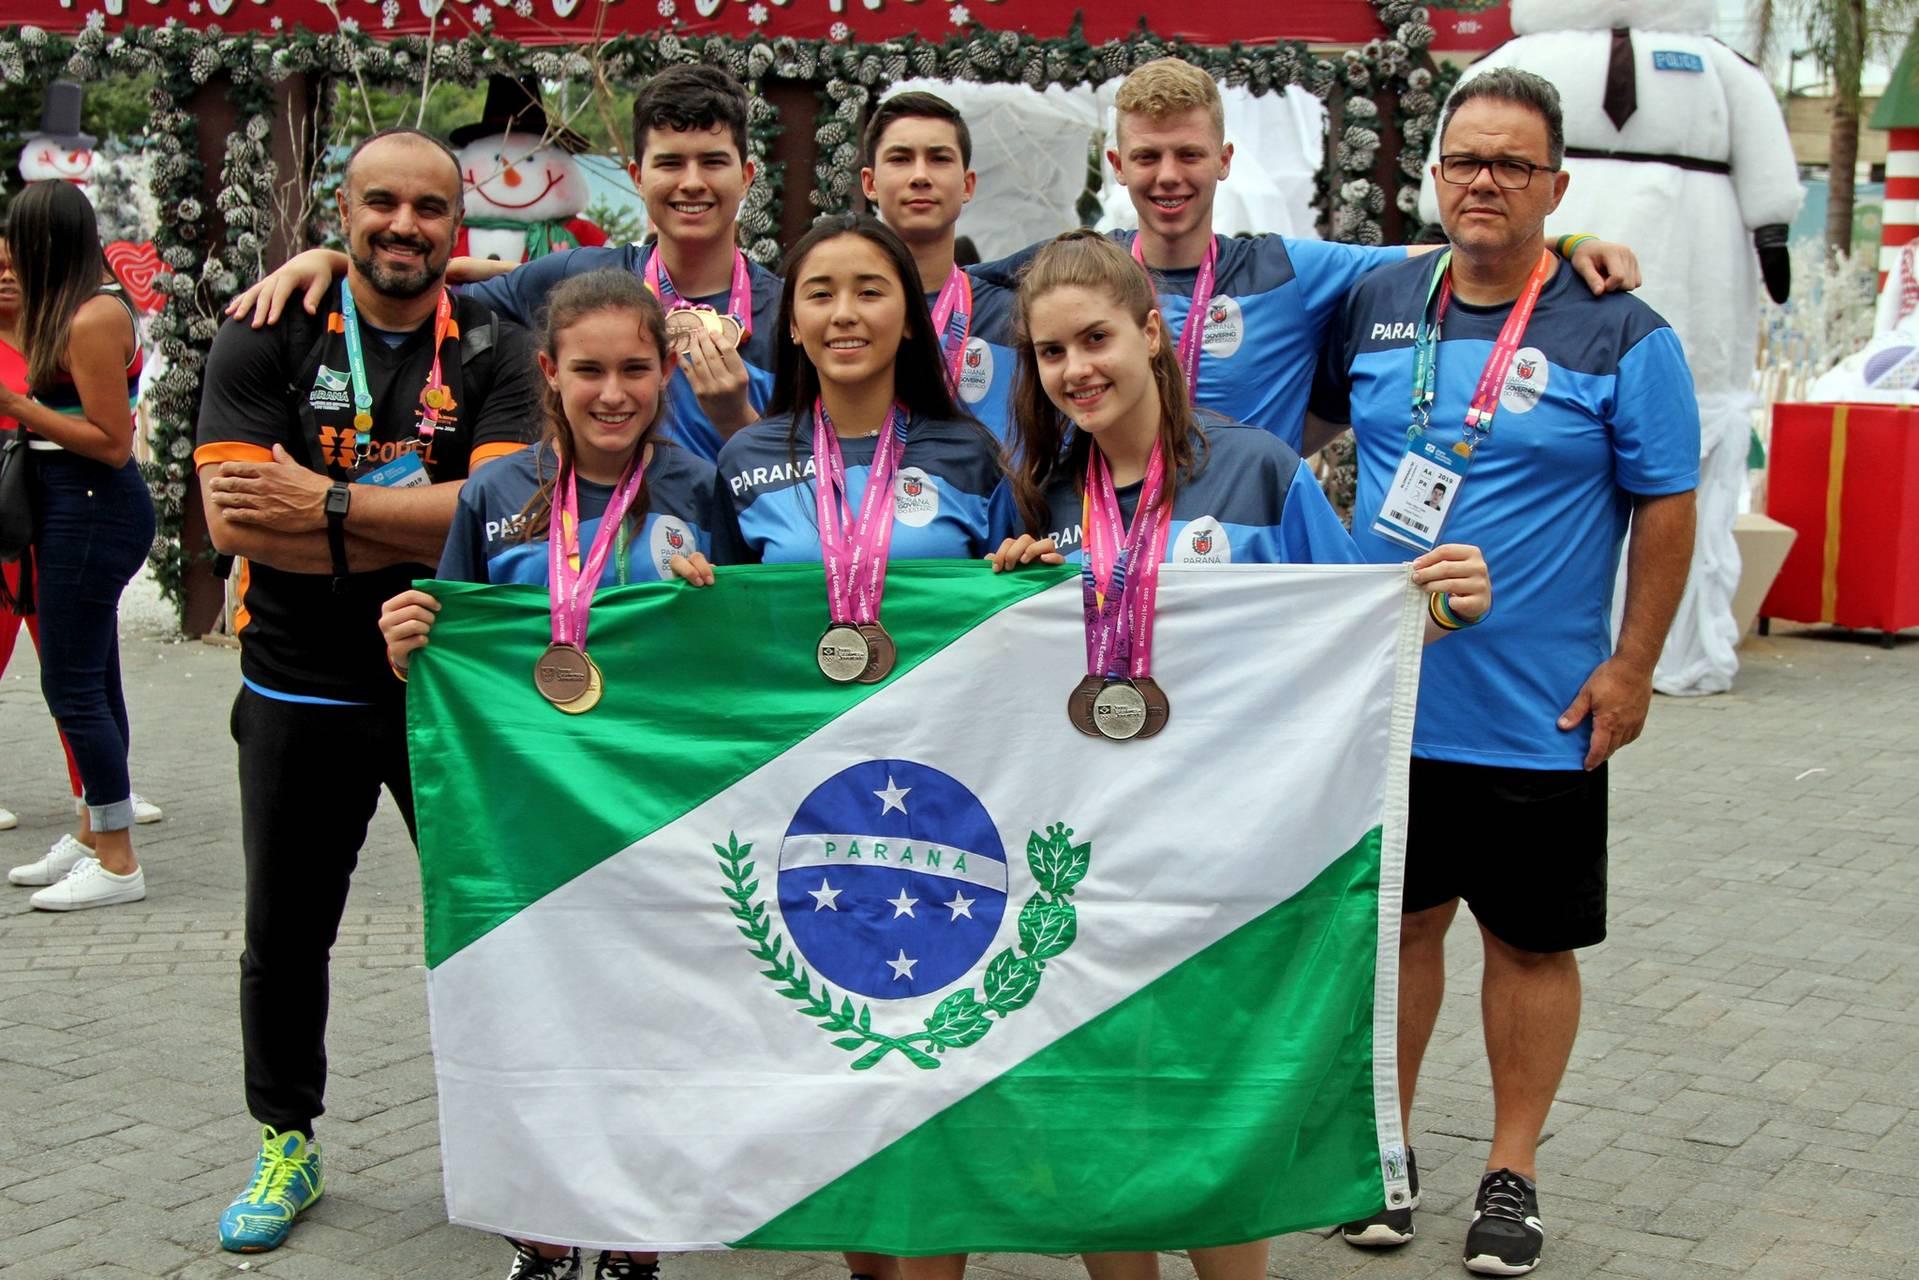 A delegação paranaense contou com 309 pessoas, entre atletas, técnicos e dirigentes.